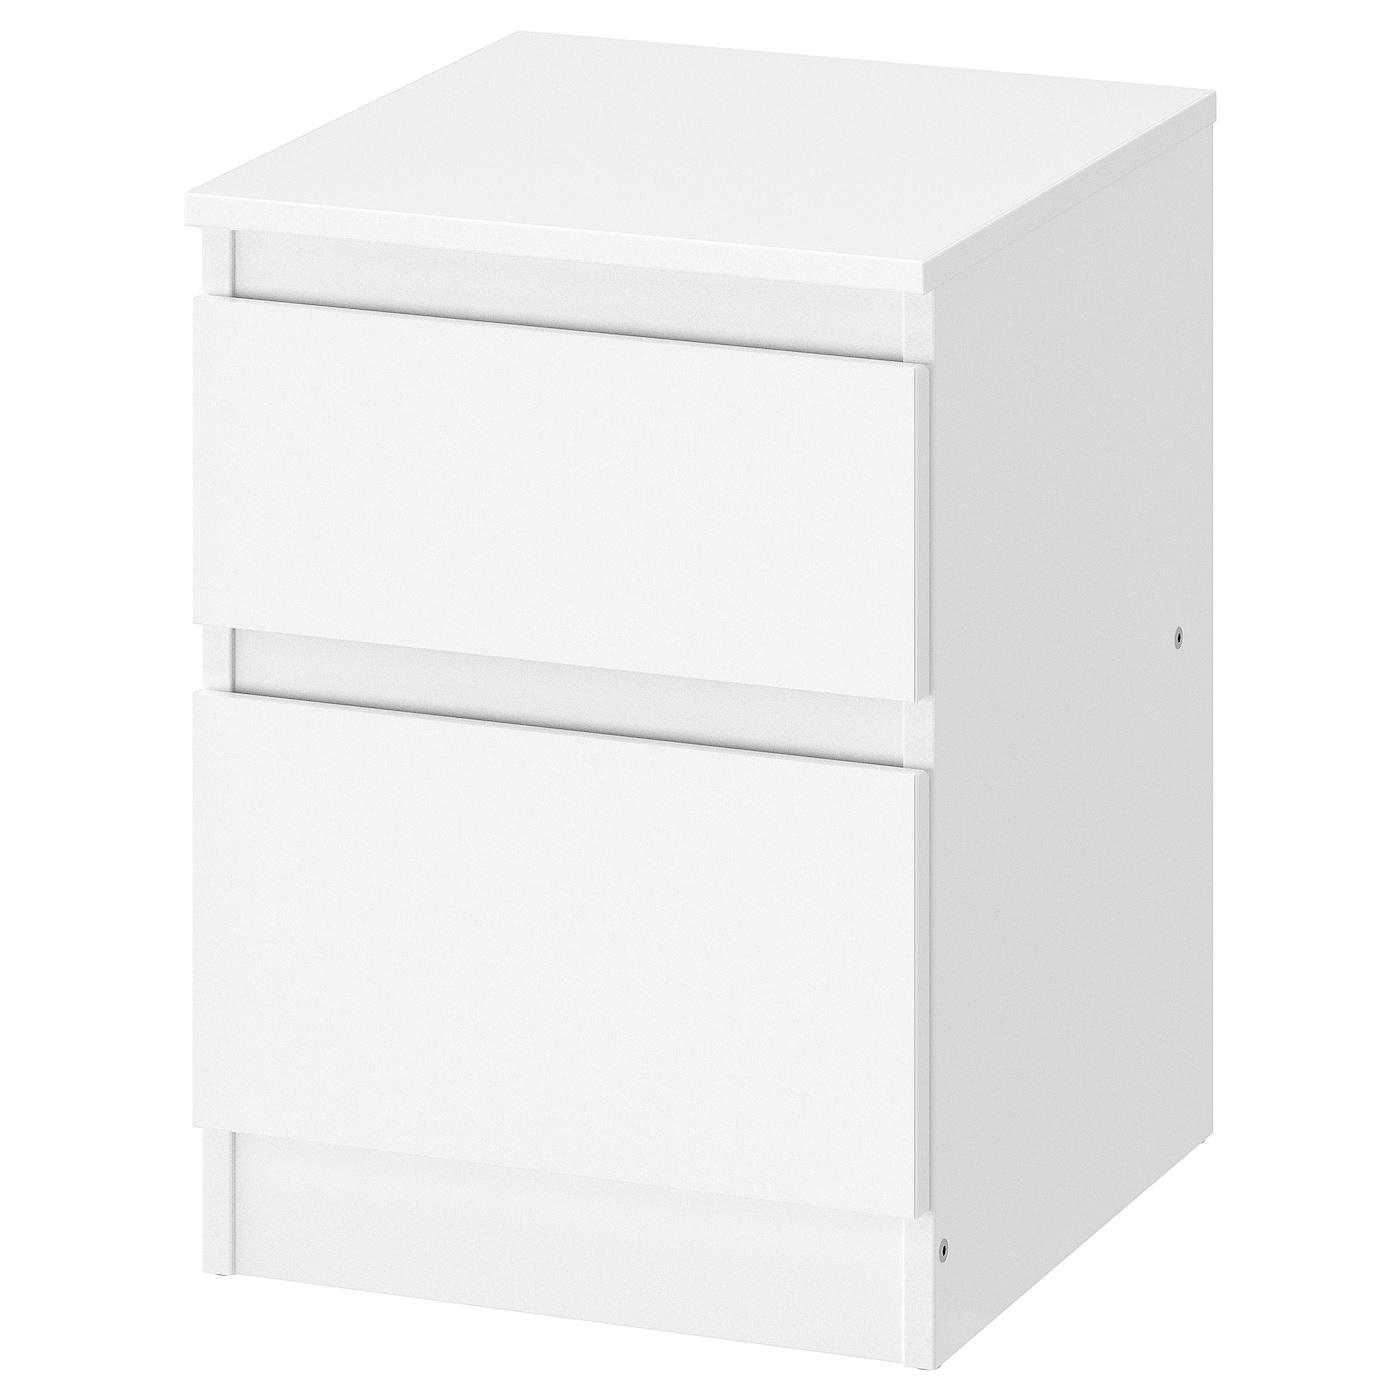 IKEA - KULLEN Ladekast 2 lades - 35x49 cm - Wit